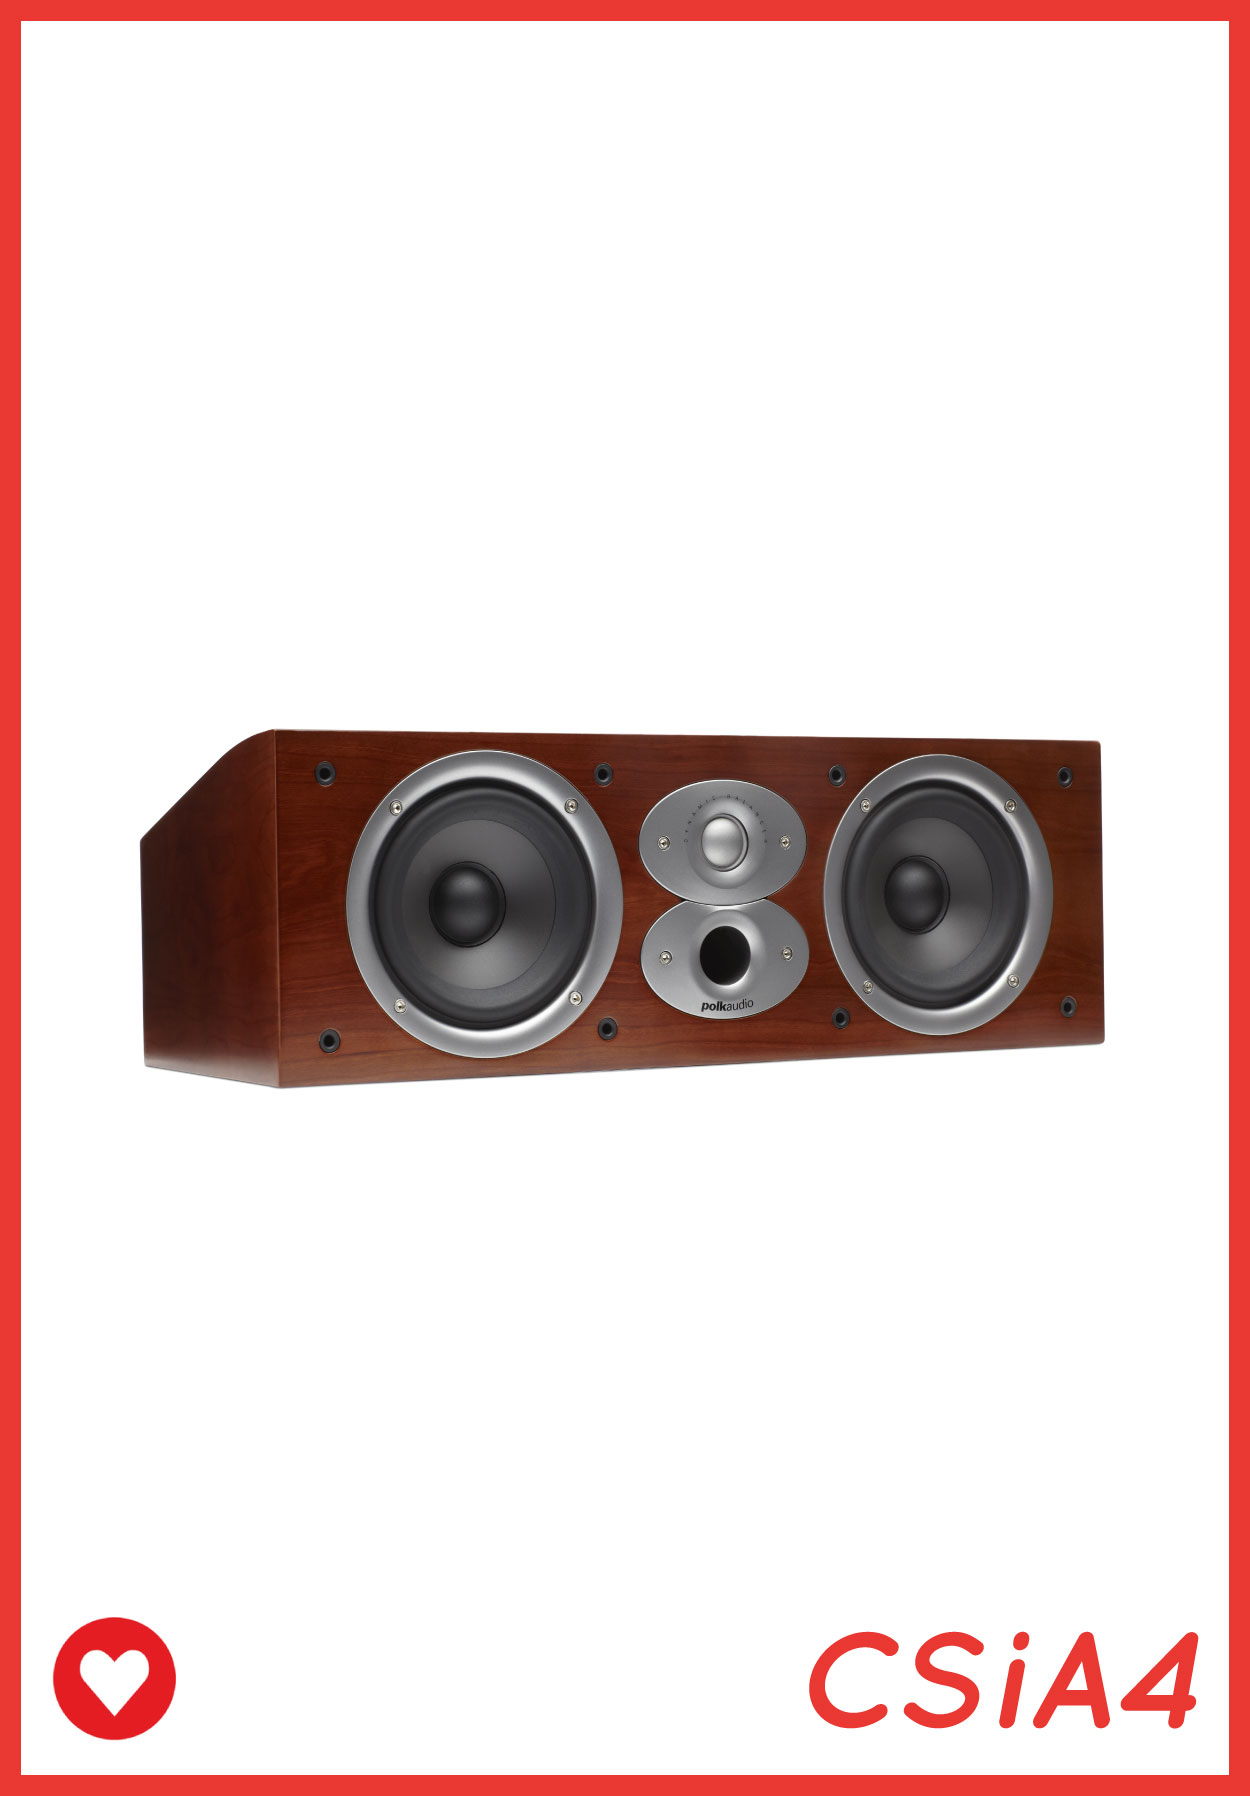 Polk Audio CSiA4 Dong Thanh - Hoa Phuc-01-02-02.jpg